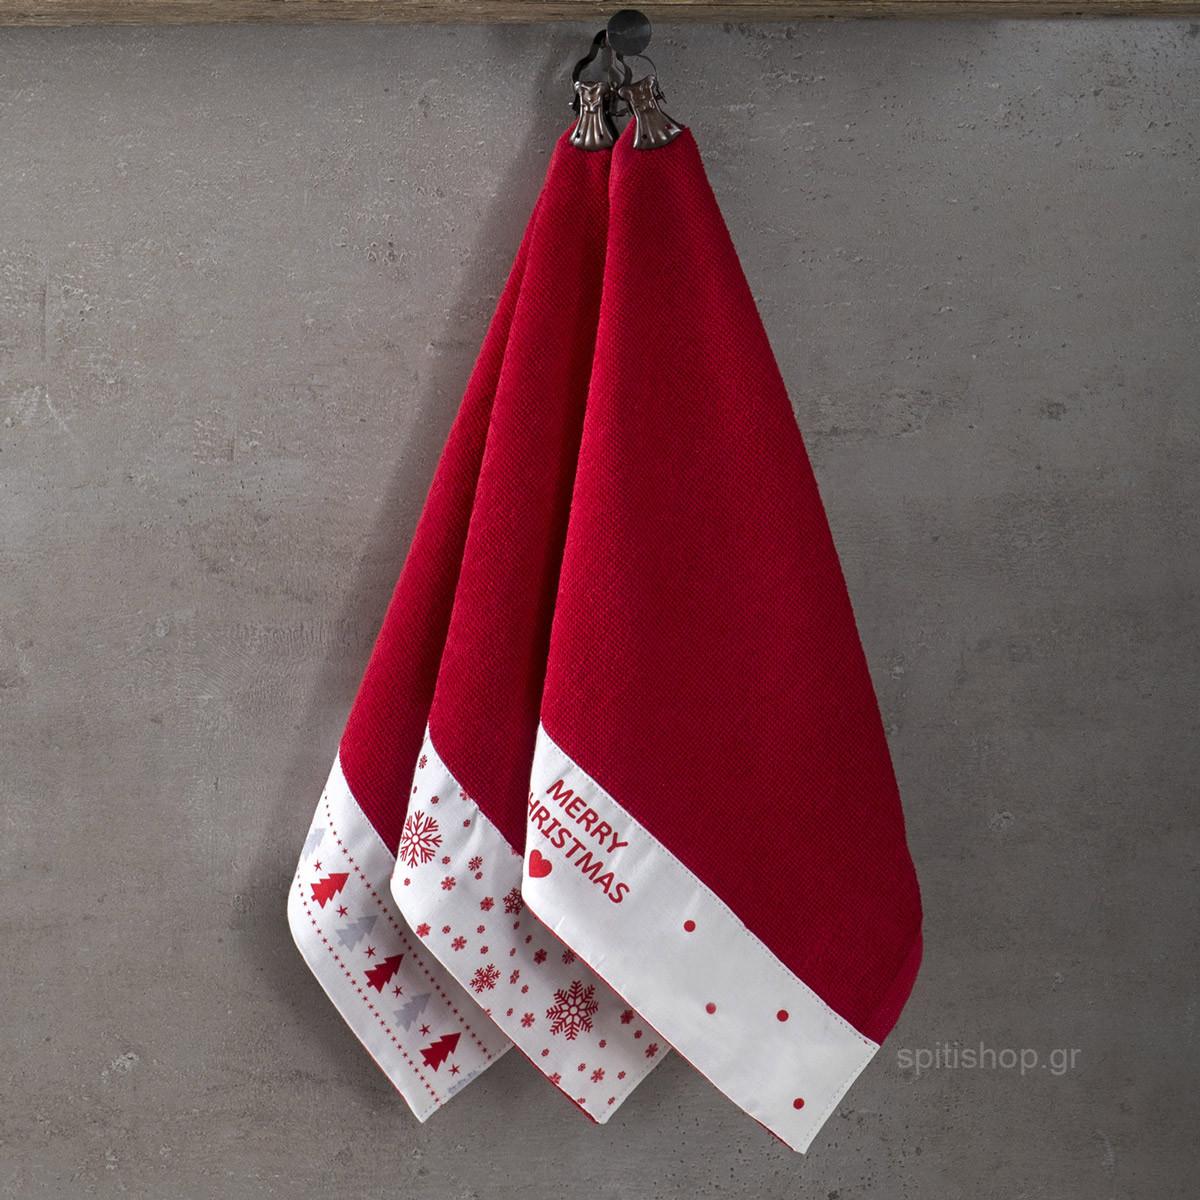 Χριστουγεννιάτικες Πετσέτες (Σετ 3τμχ) Nima Yule home   χριστουγεννιάτικα   χριστουγεννιάτικα είδη μπάνιου